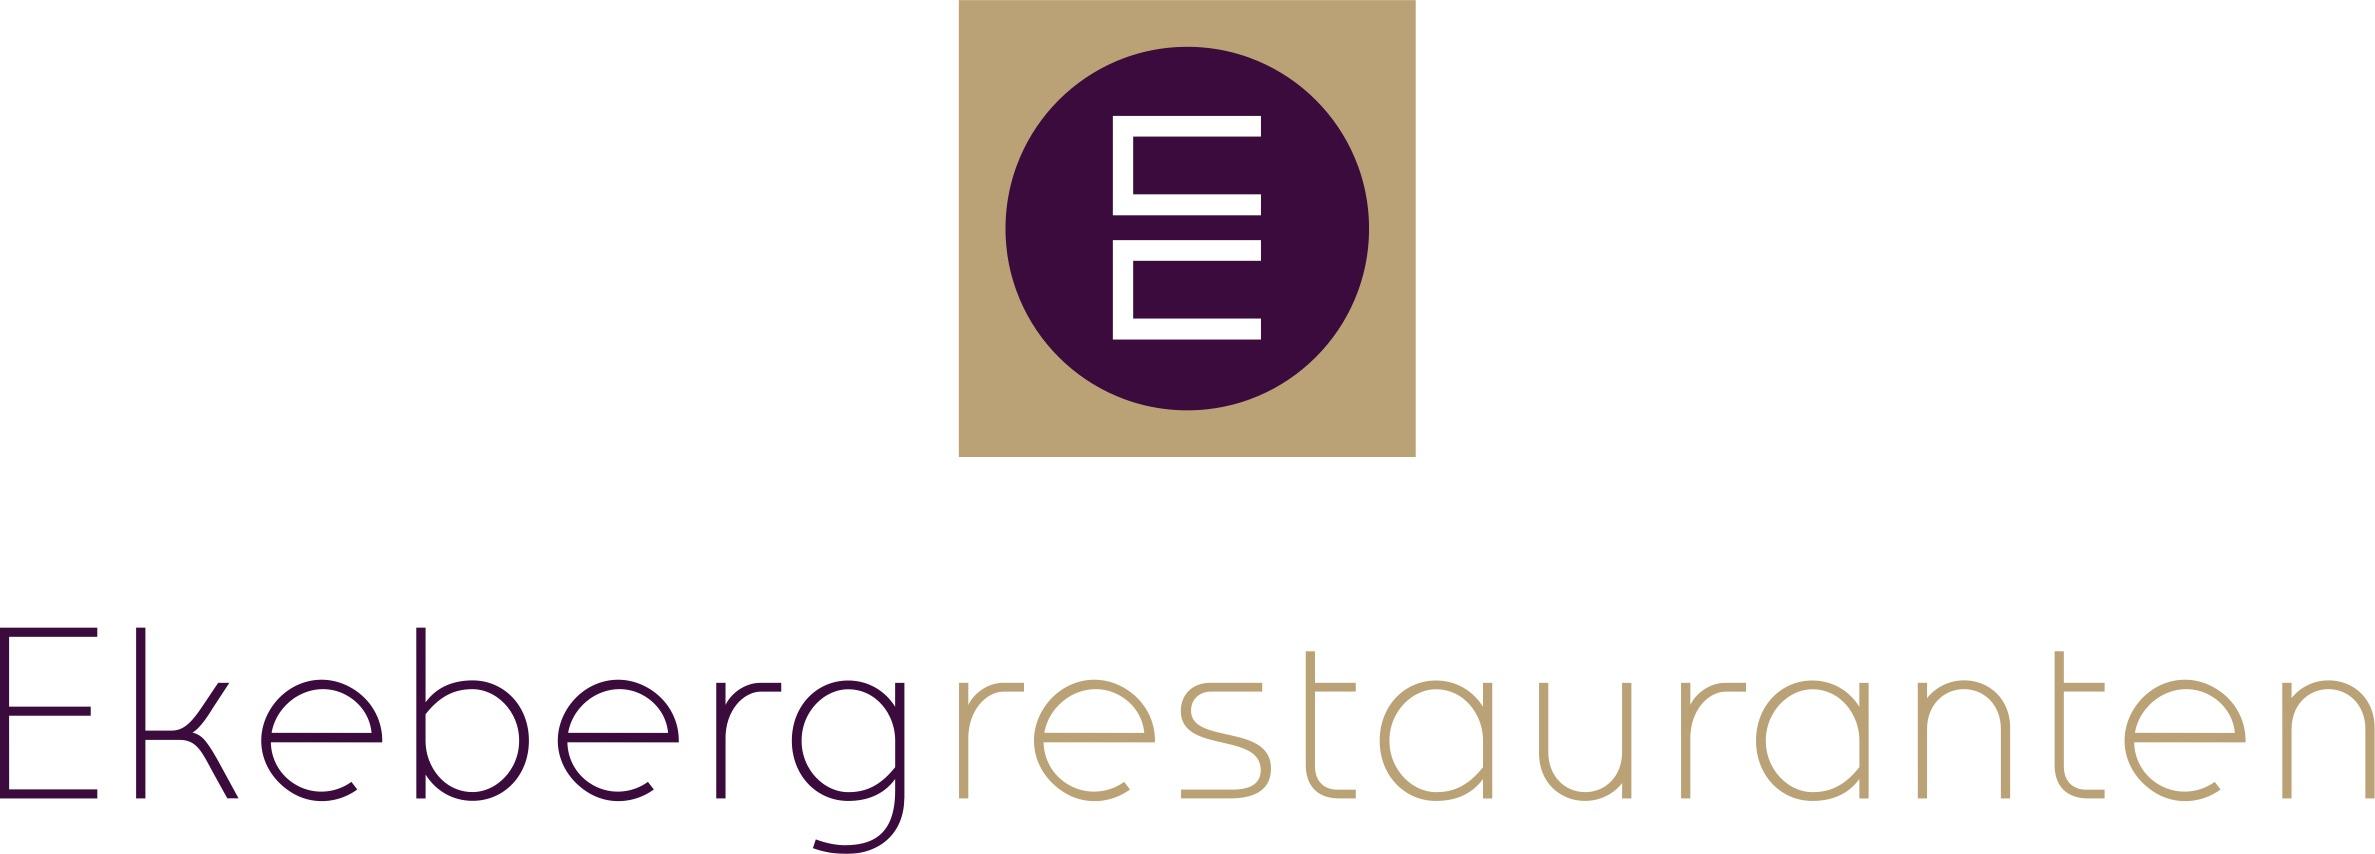 ekebergrestauranten-fullstendig-logo